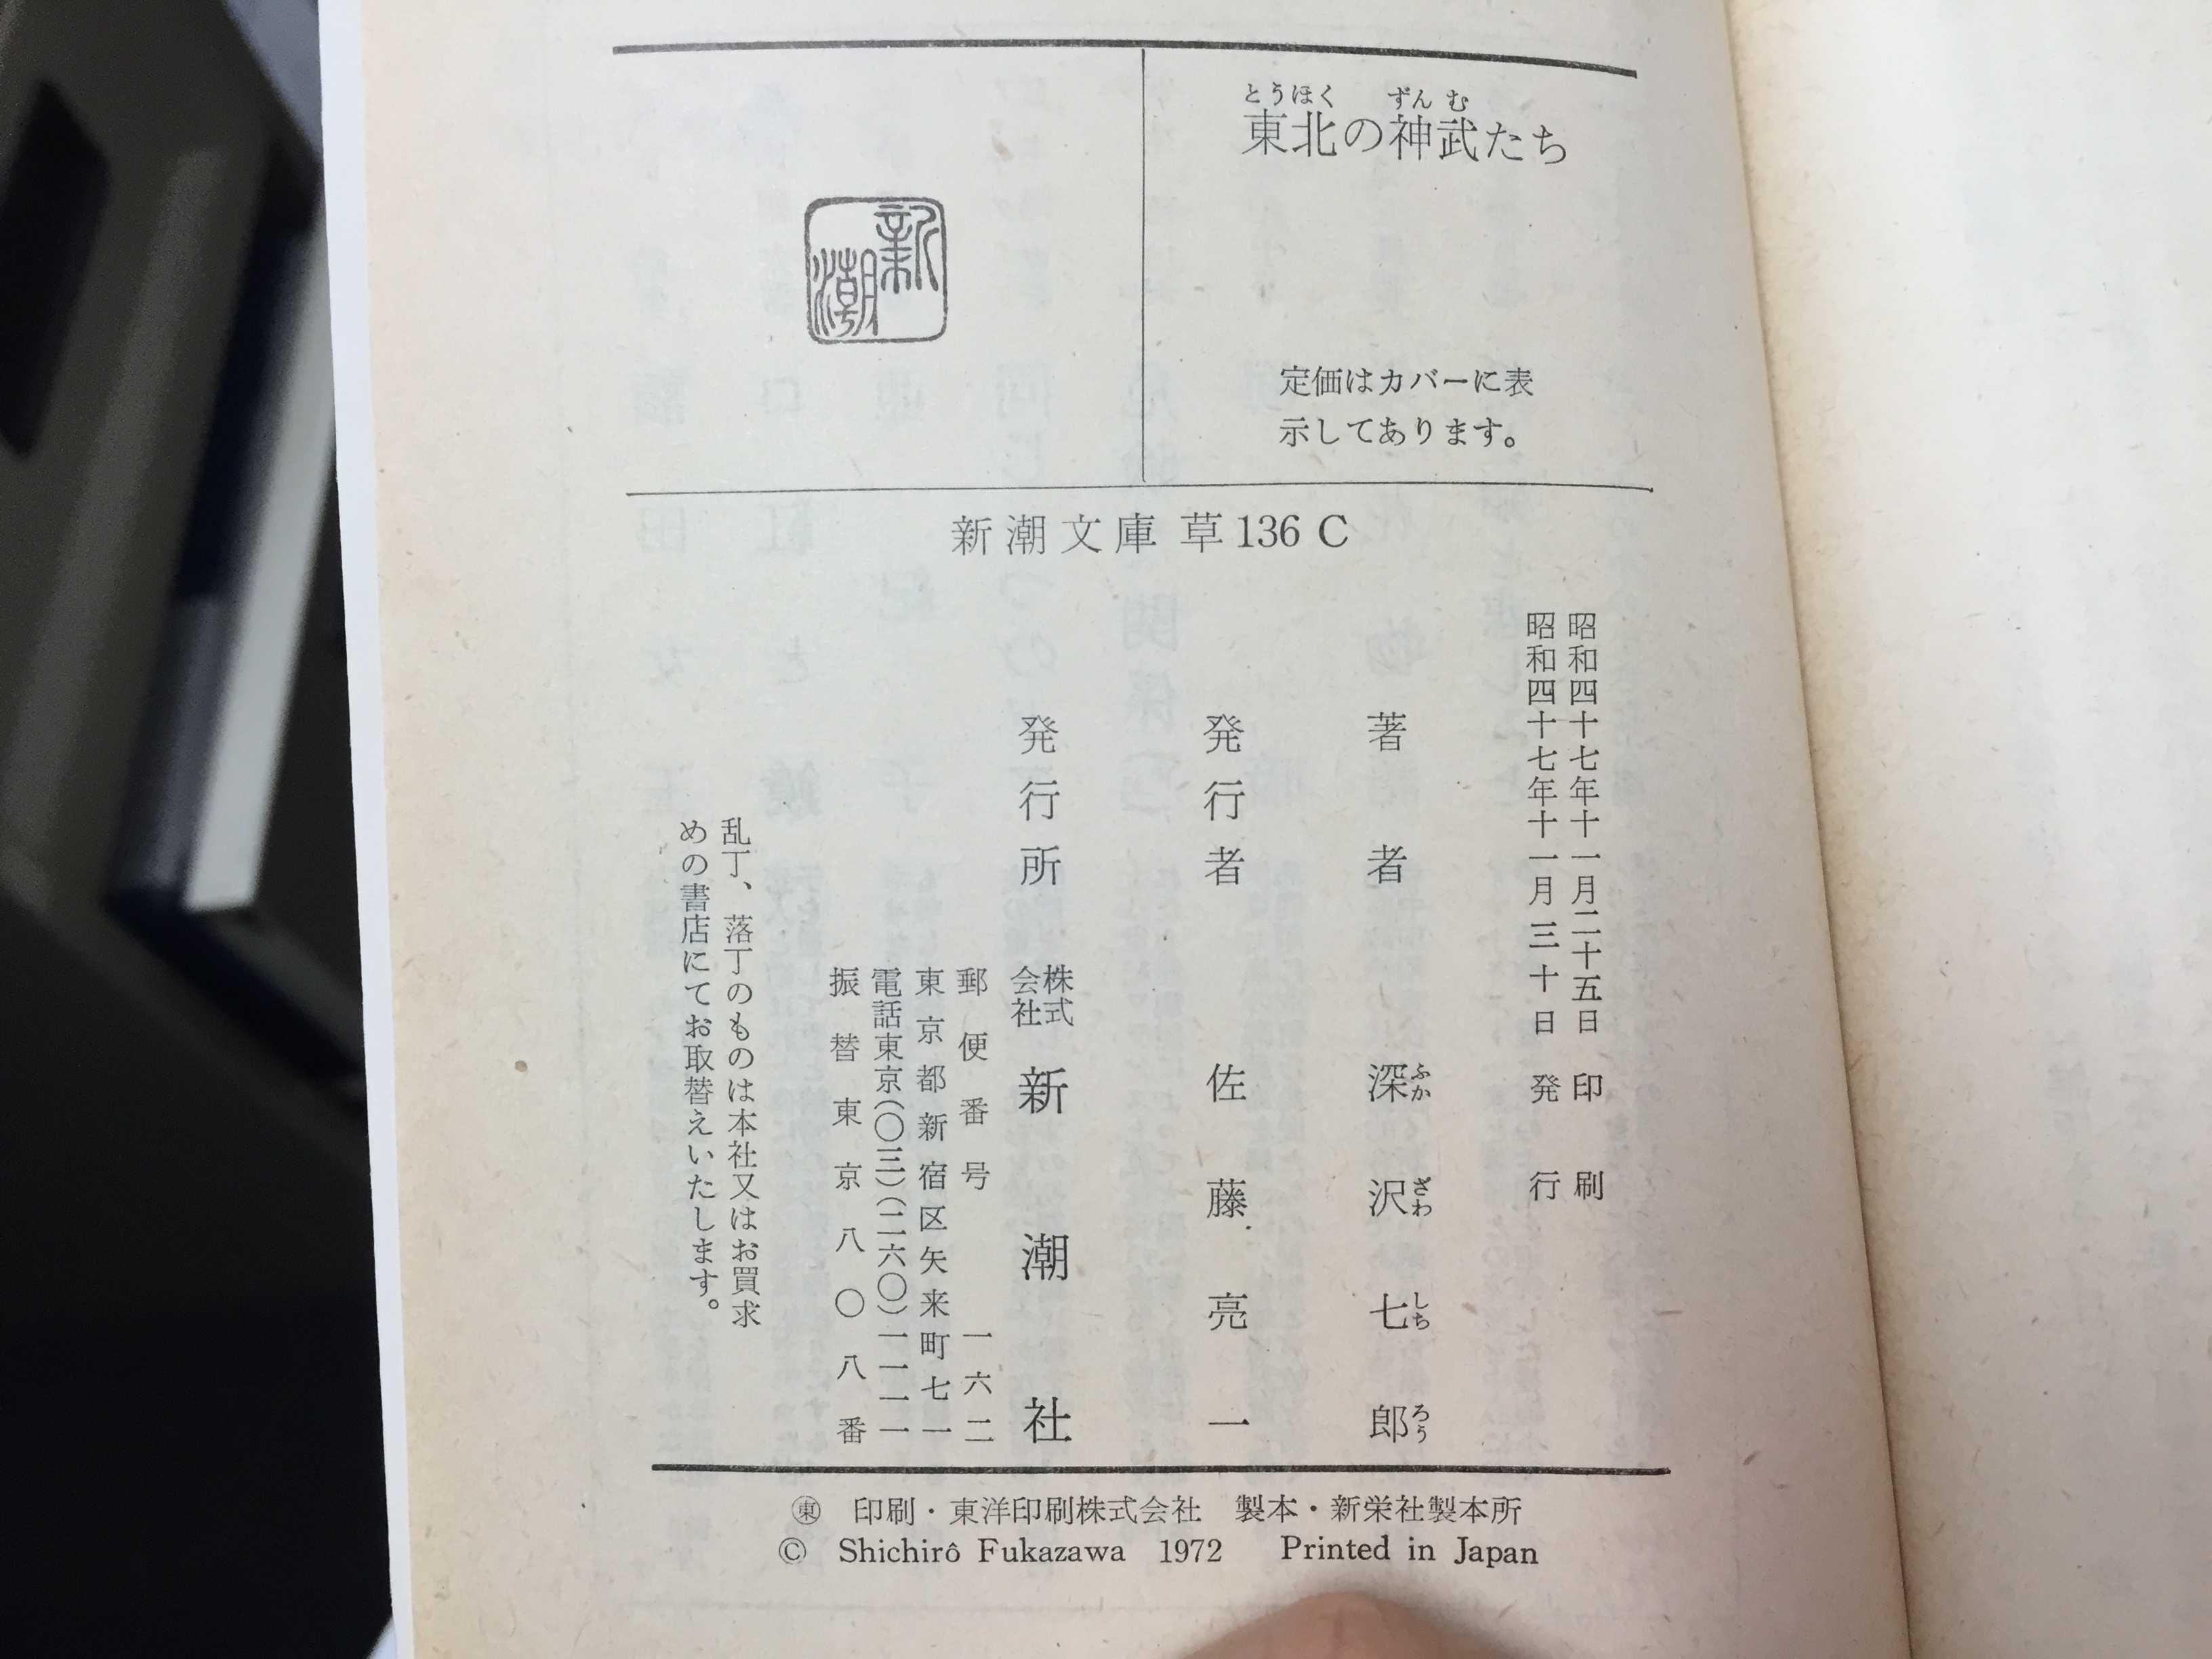 昭和47年11月25日 印刷 昭和47年11月30日発行